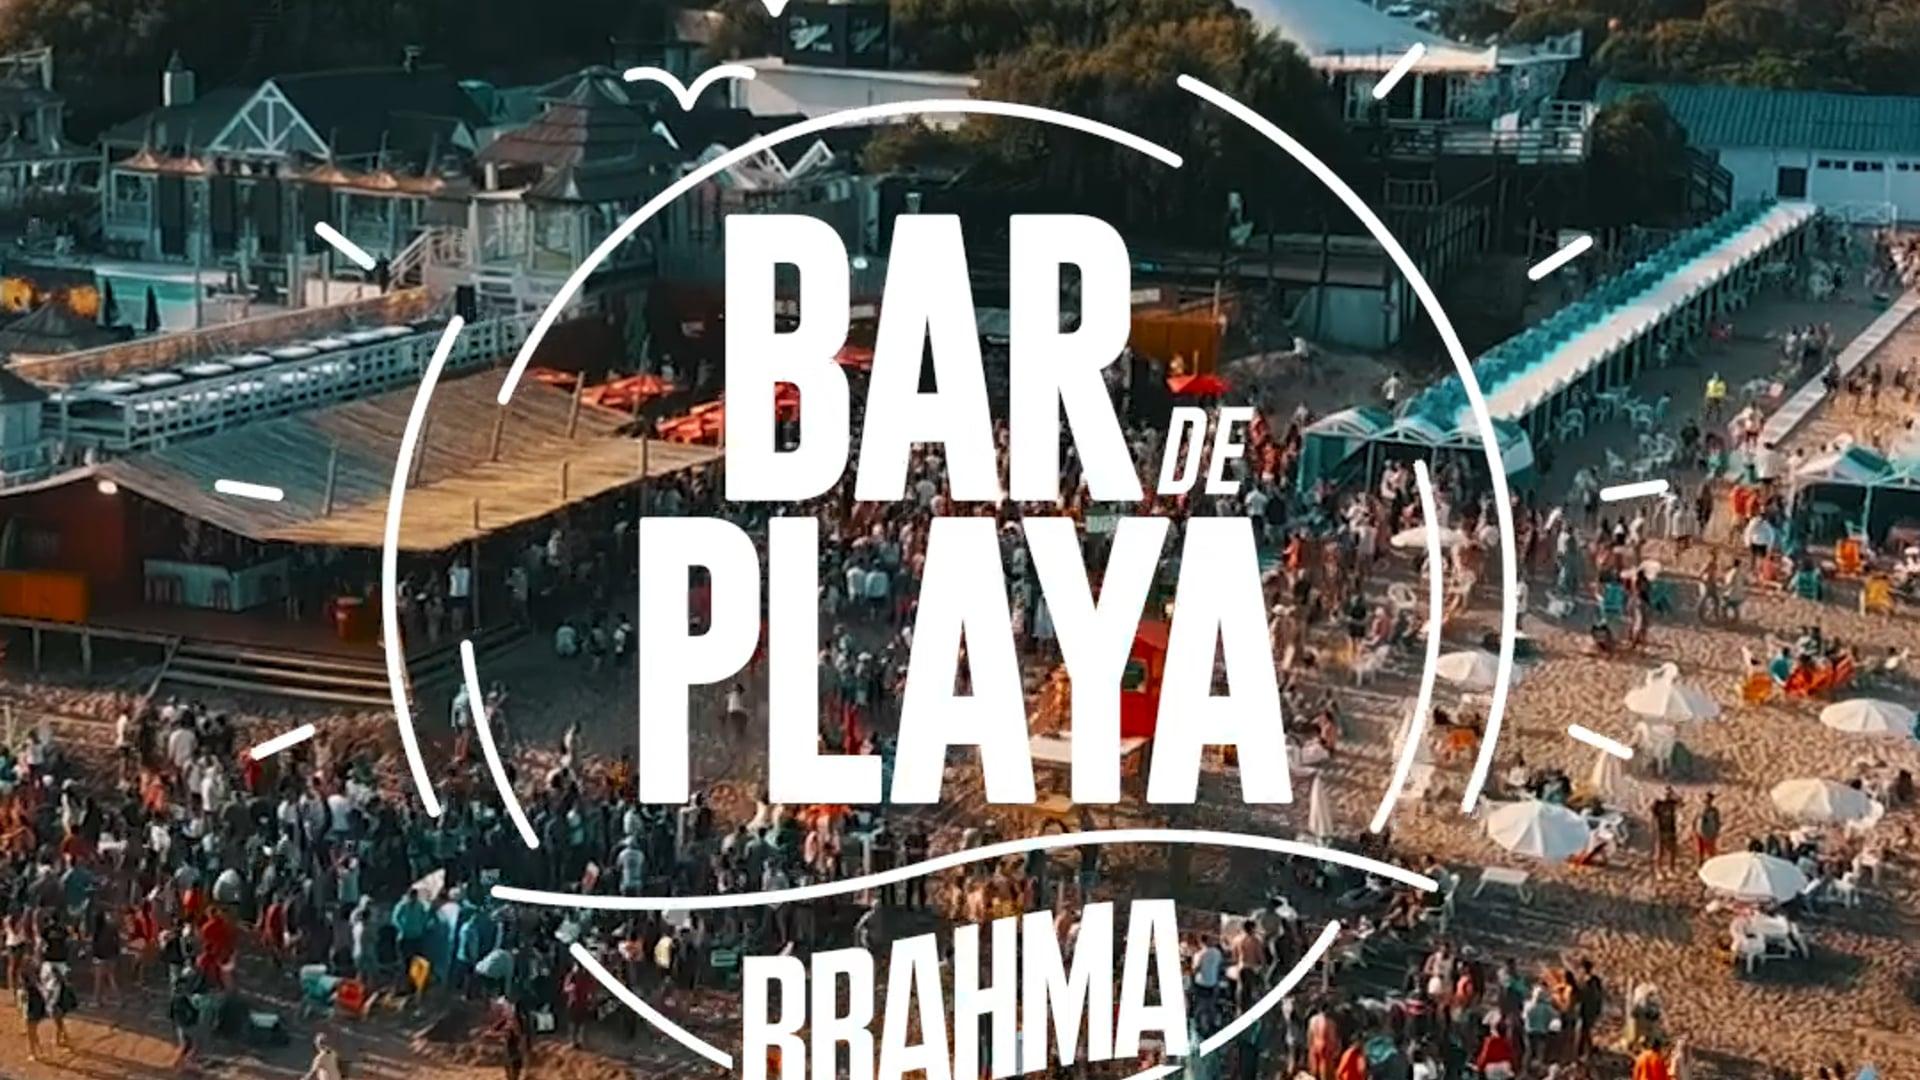 Brahma Bar De Playa - MDQ 2